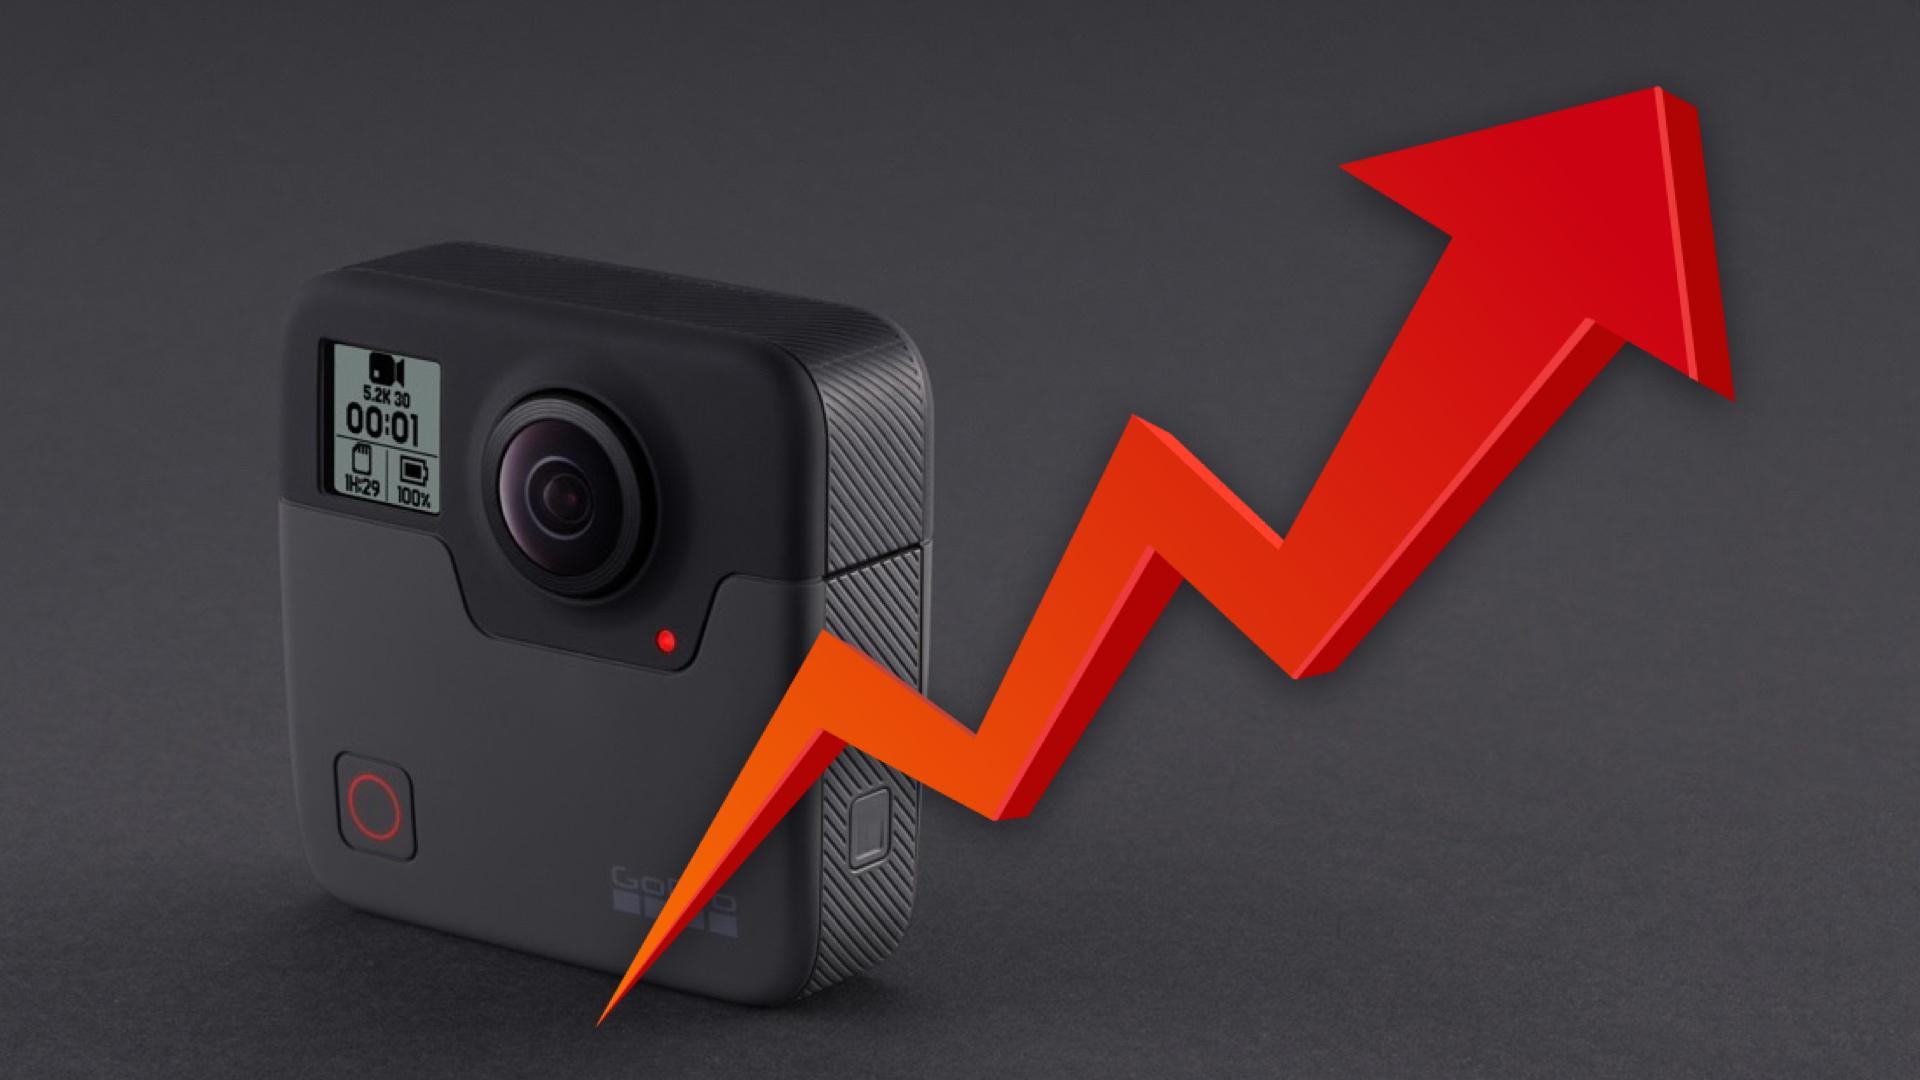 GoProが復活 - 新製品で再び高成長、高収益に